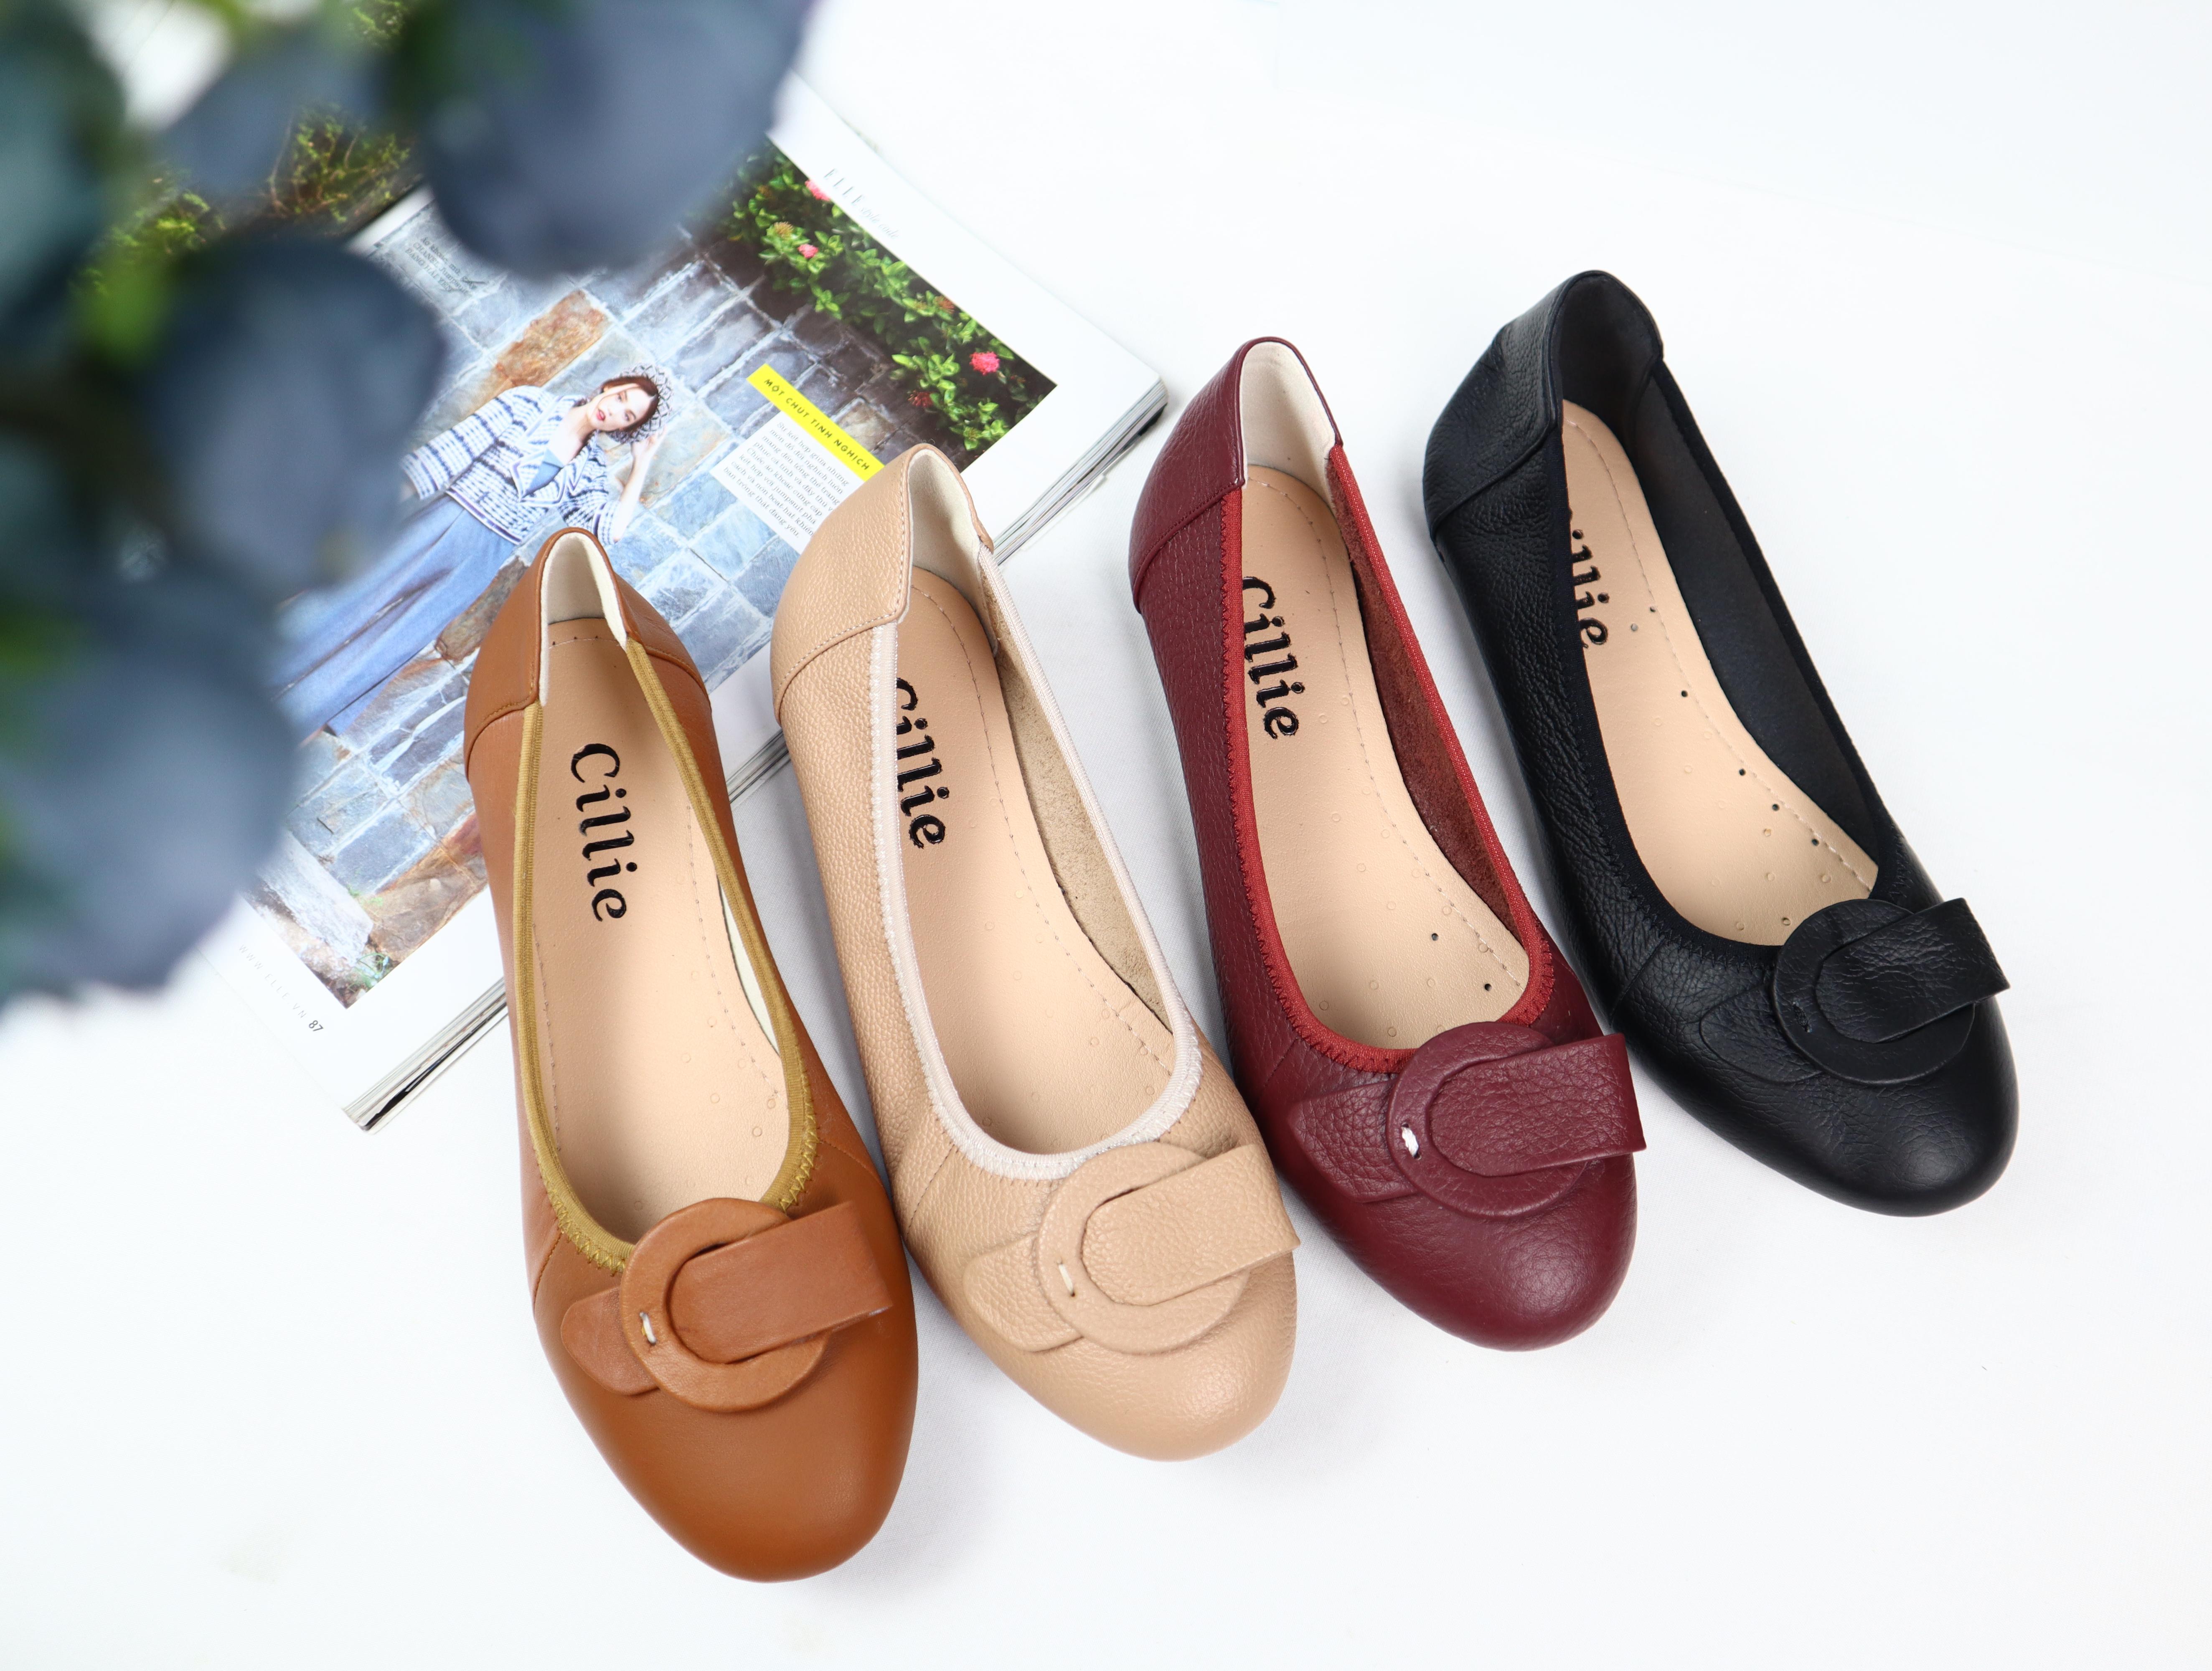 Giày búp bê đế bệt da bò Cillie 1091